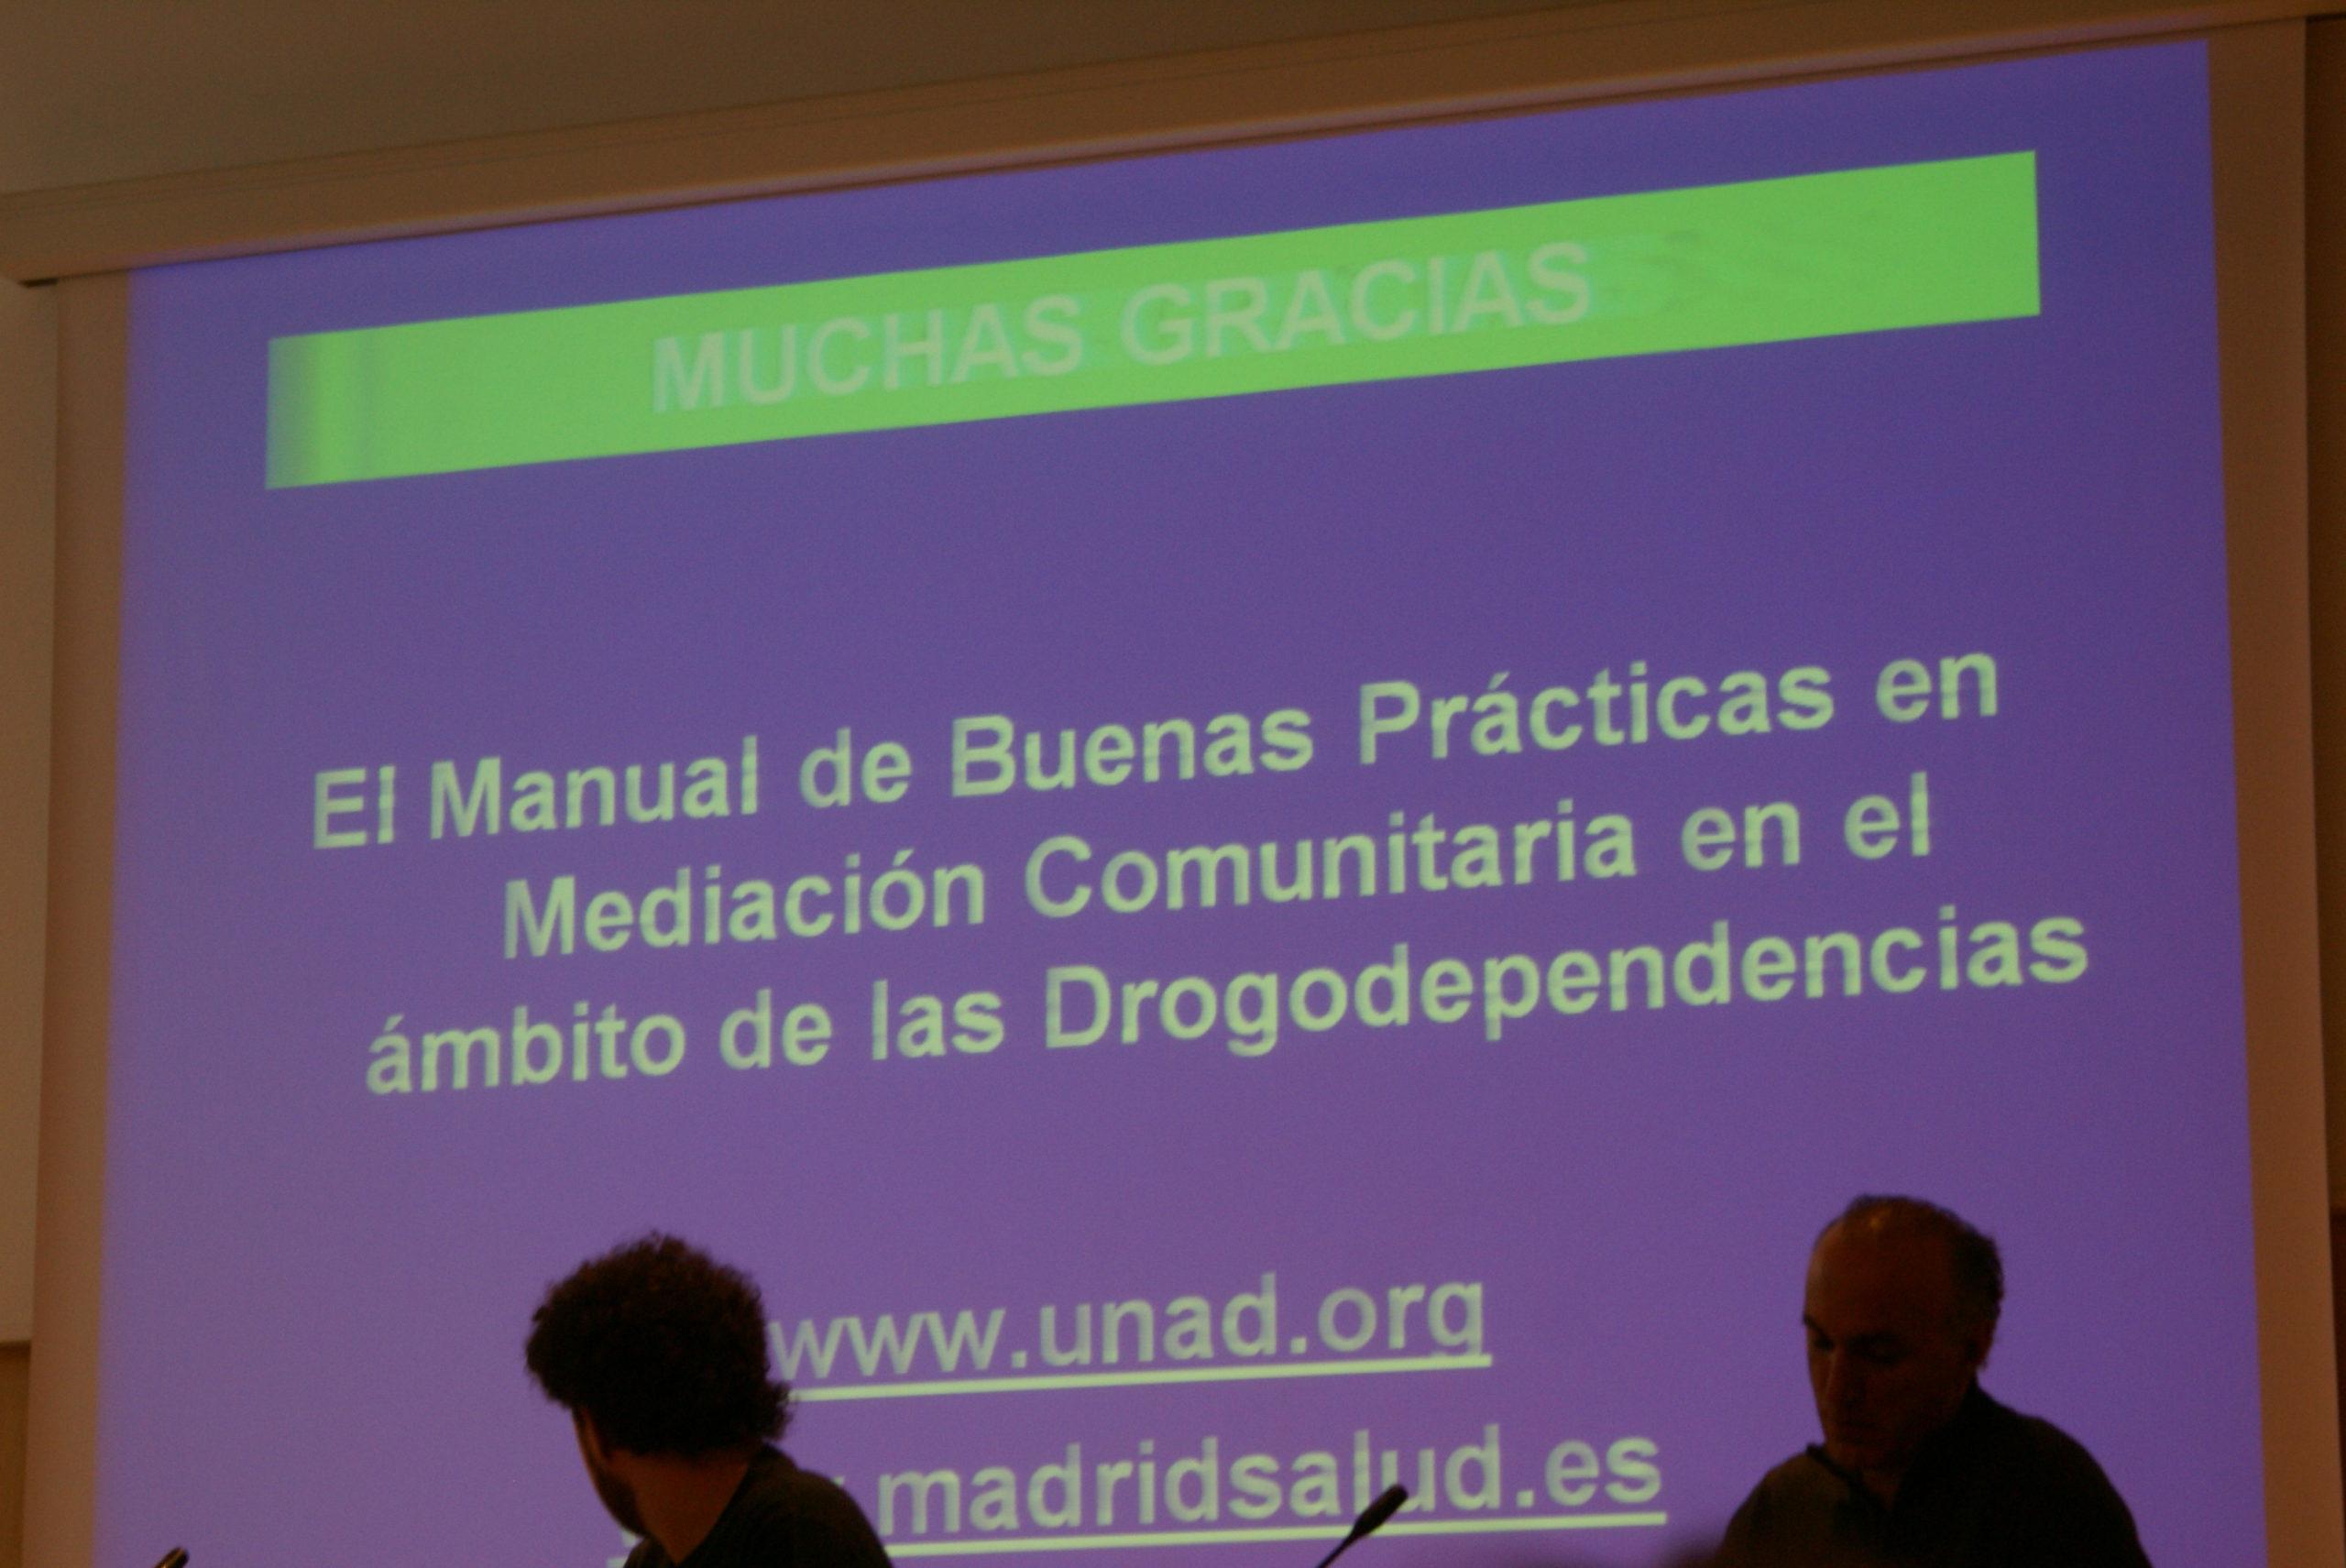 UNAD presento en Barcelona el Manual de Buenas Prácticas en mediación comunitaria en drogodependencias